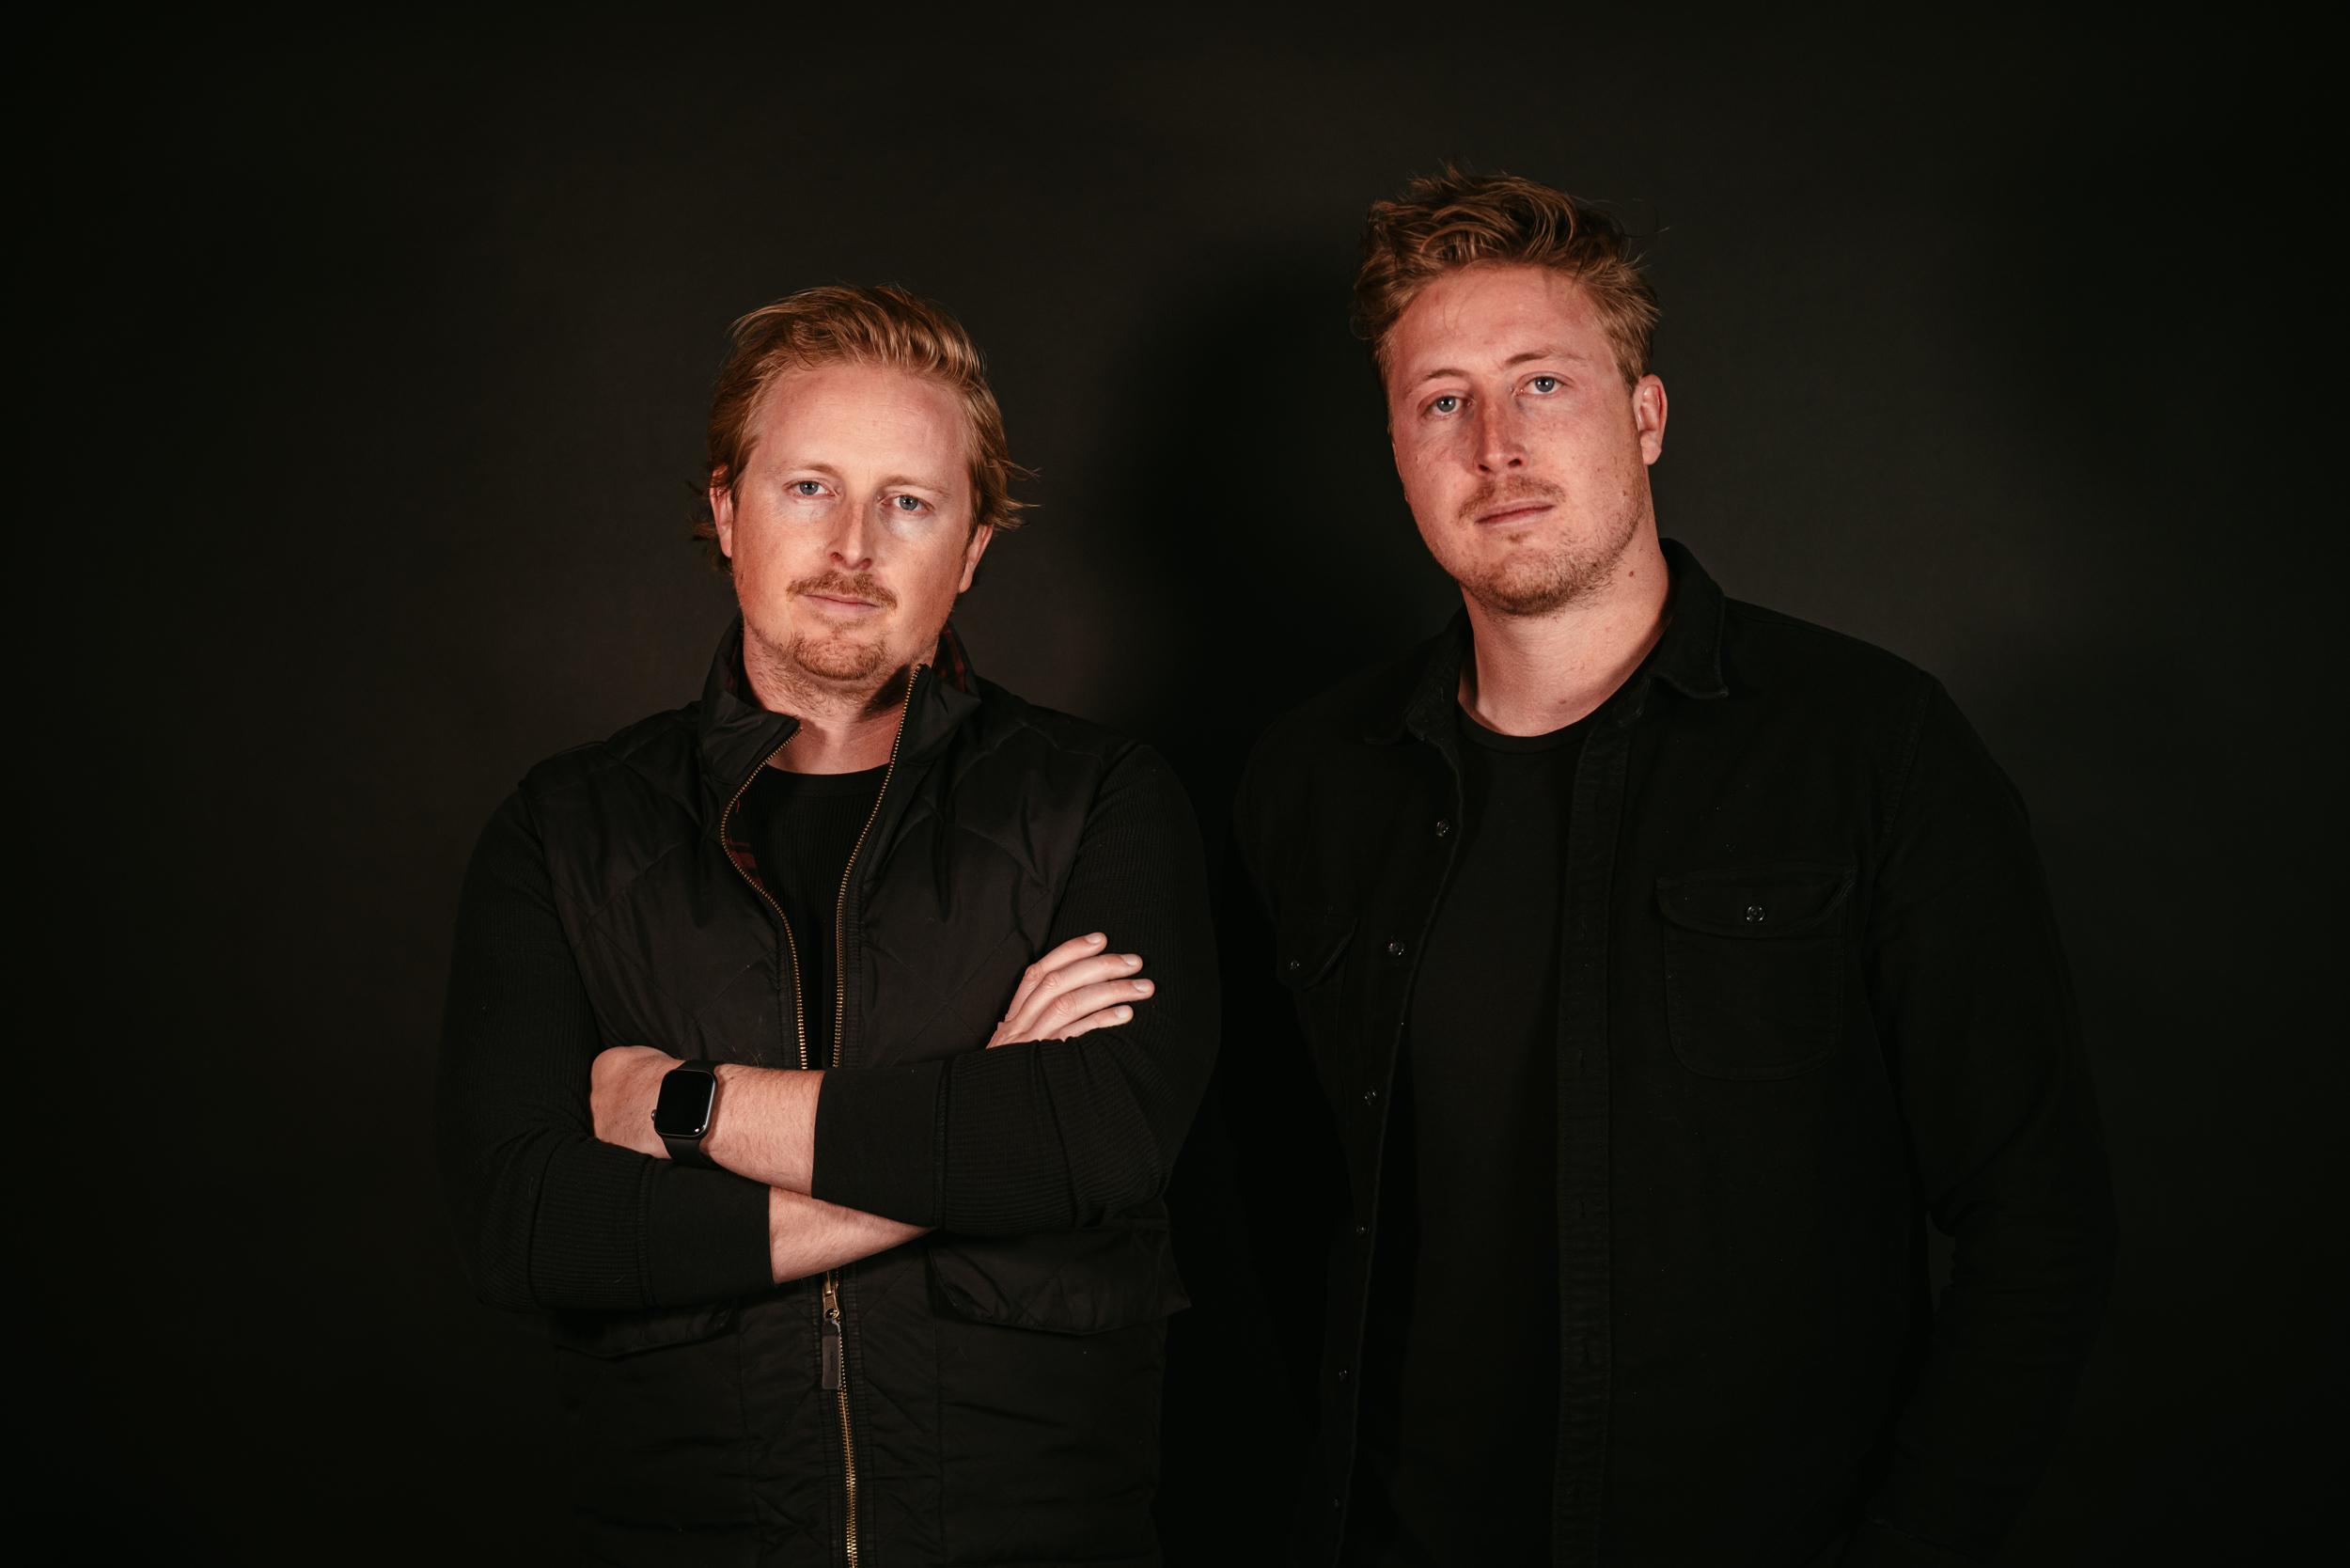 Clarke & jeff Mckinnon